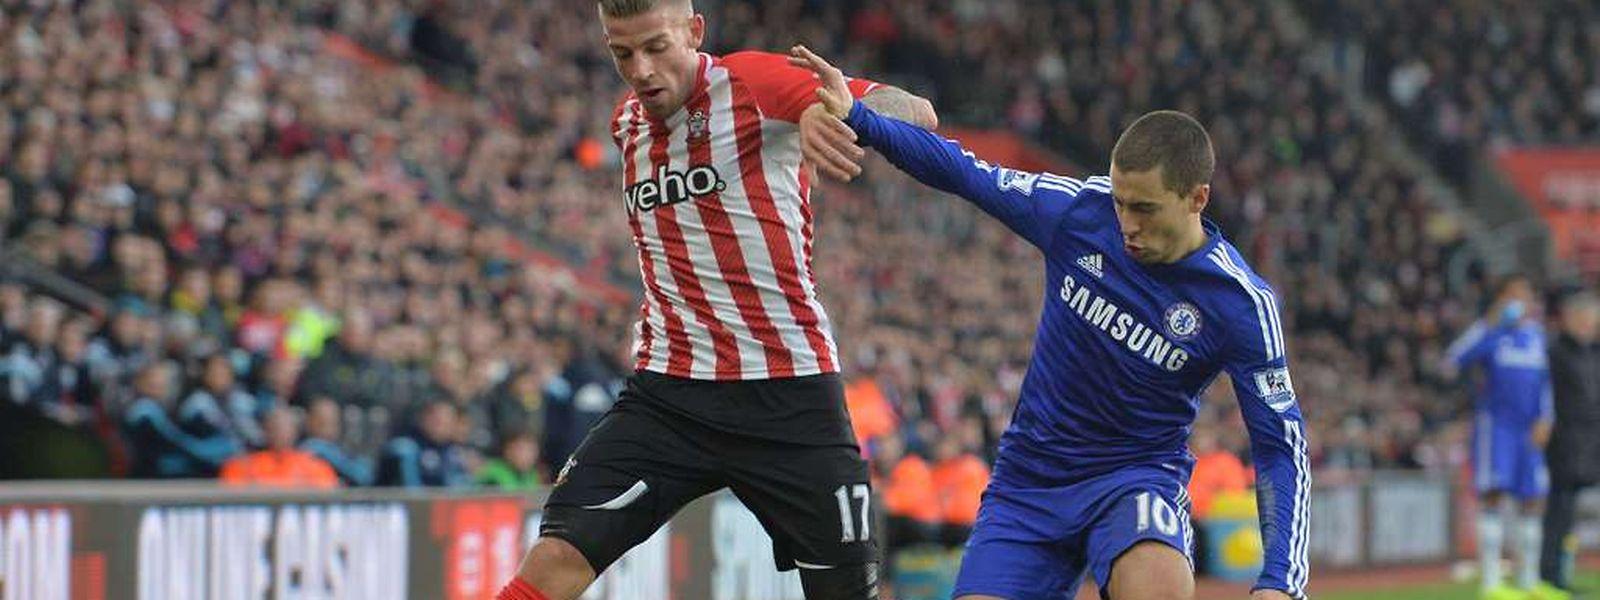 Les Diables Rouges Toby Alderweireld et Eden Hazard se sont quittés dos à dos malgré un joli but de la star des Blues